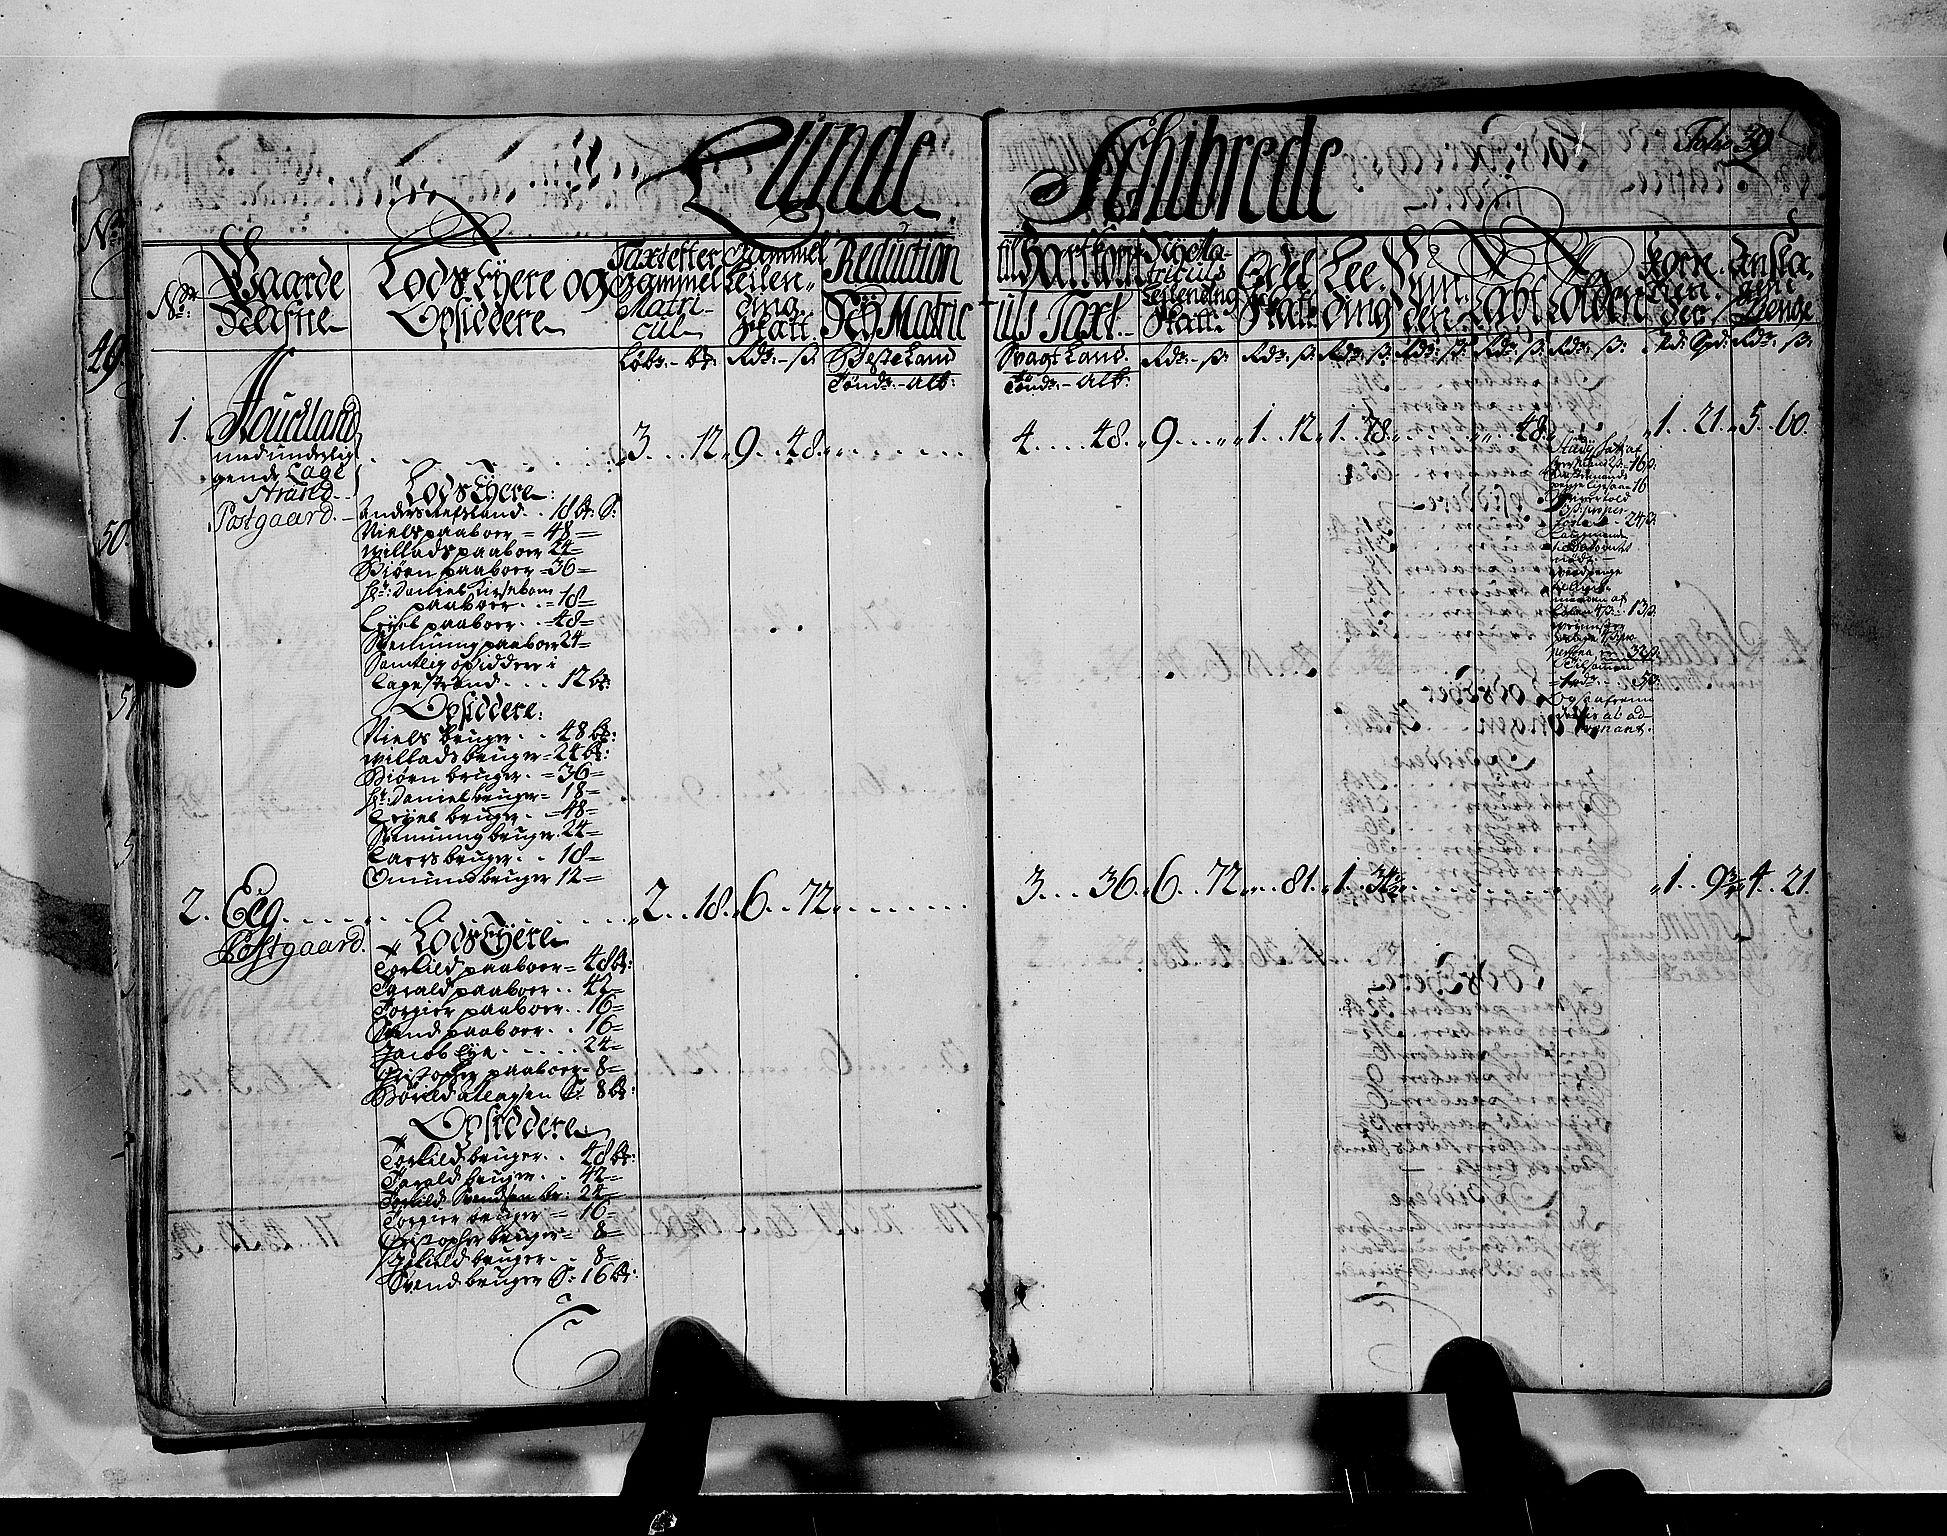 RA, Rentekammeret inntil 1814, Realistisk ordnet avdeling, N/Nb/Nbf/L0132: Jæren og Dalane matrikkelprotokoll, 1723, s. 38b-39a